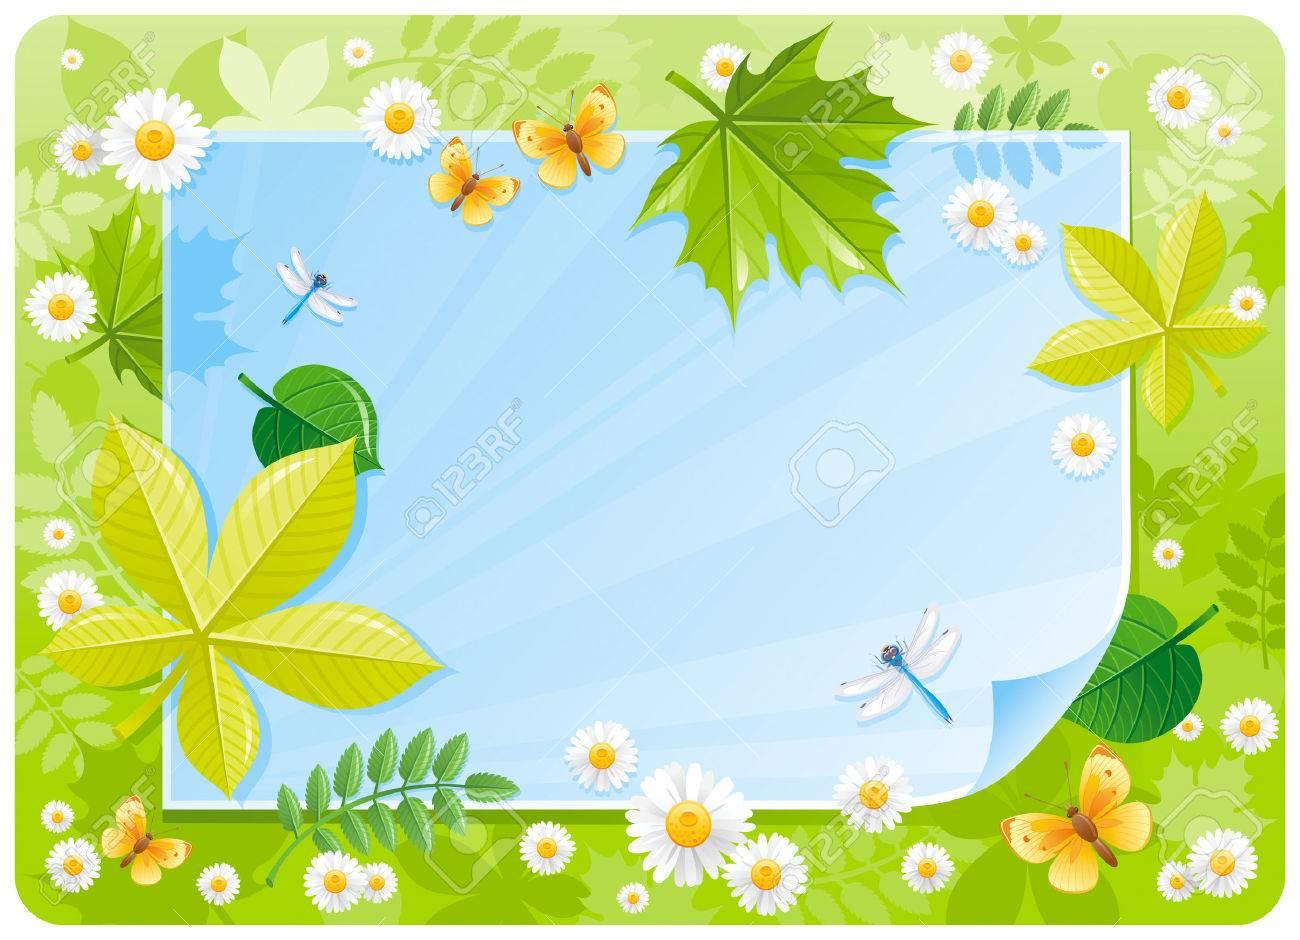 Spring banner border cute forest scene green grass blue sky spring banner border cute forest scene green grass blue sky daisy flower izmirmasajfo